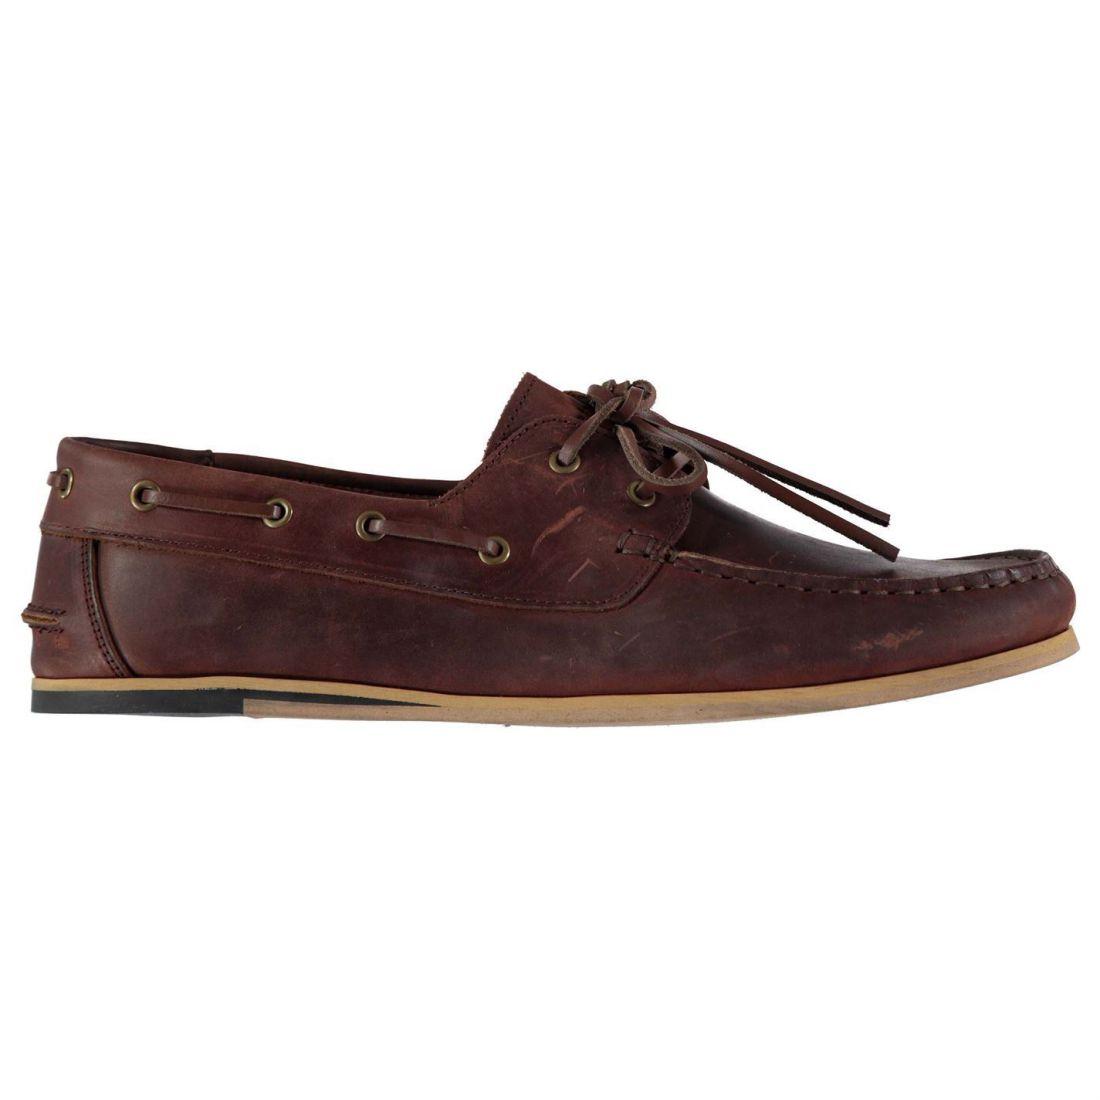 86d05d940d Firetrap Mens Avisos Boat Shoes Lace Up Classic Stitched Detailing ...